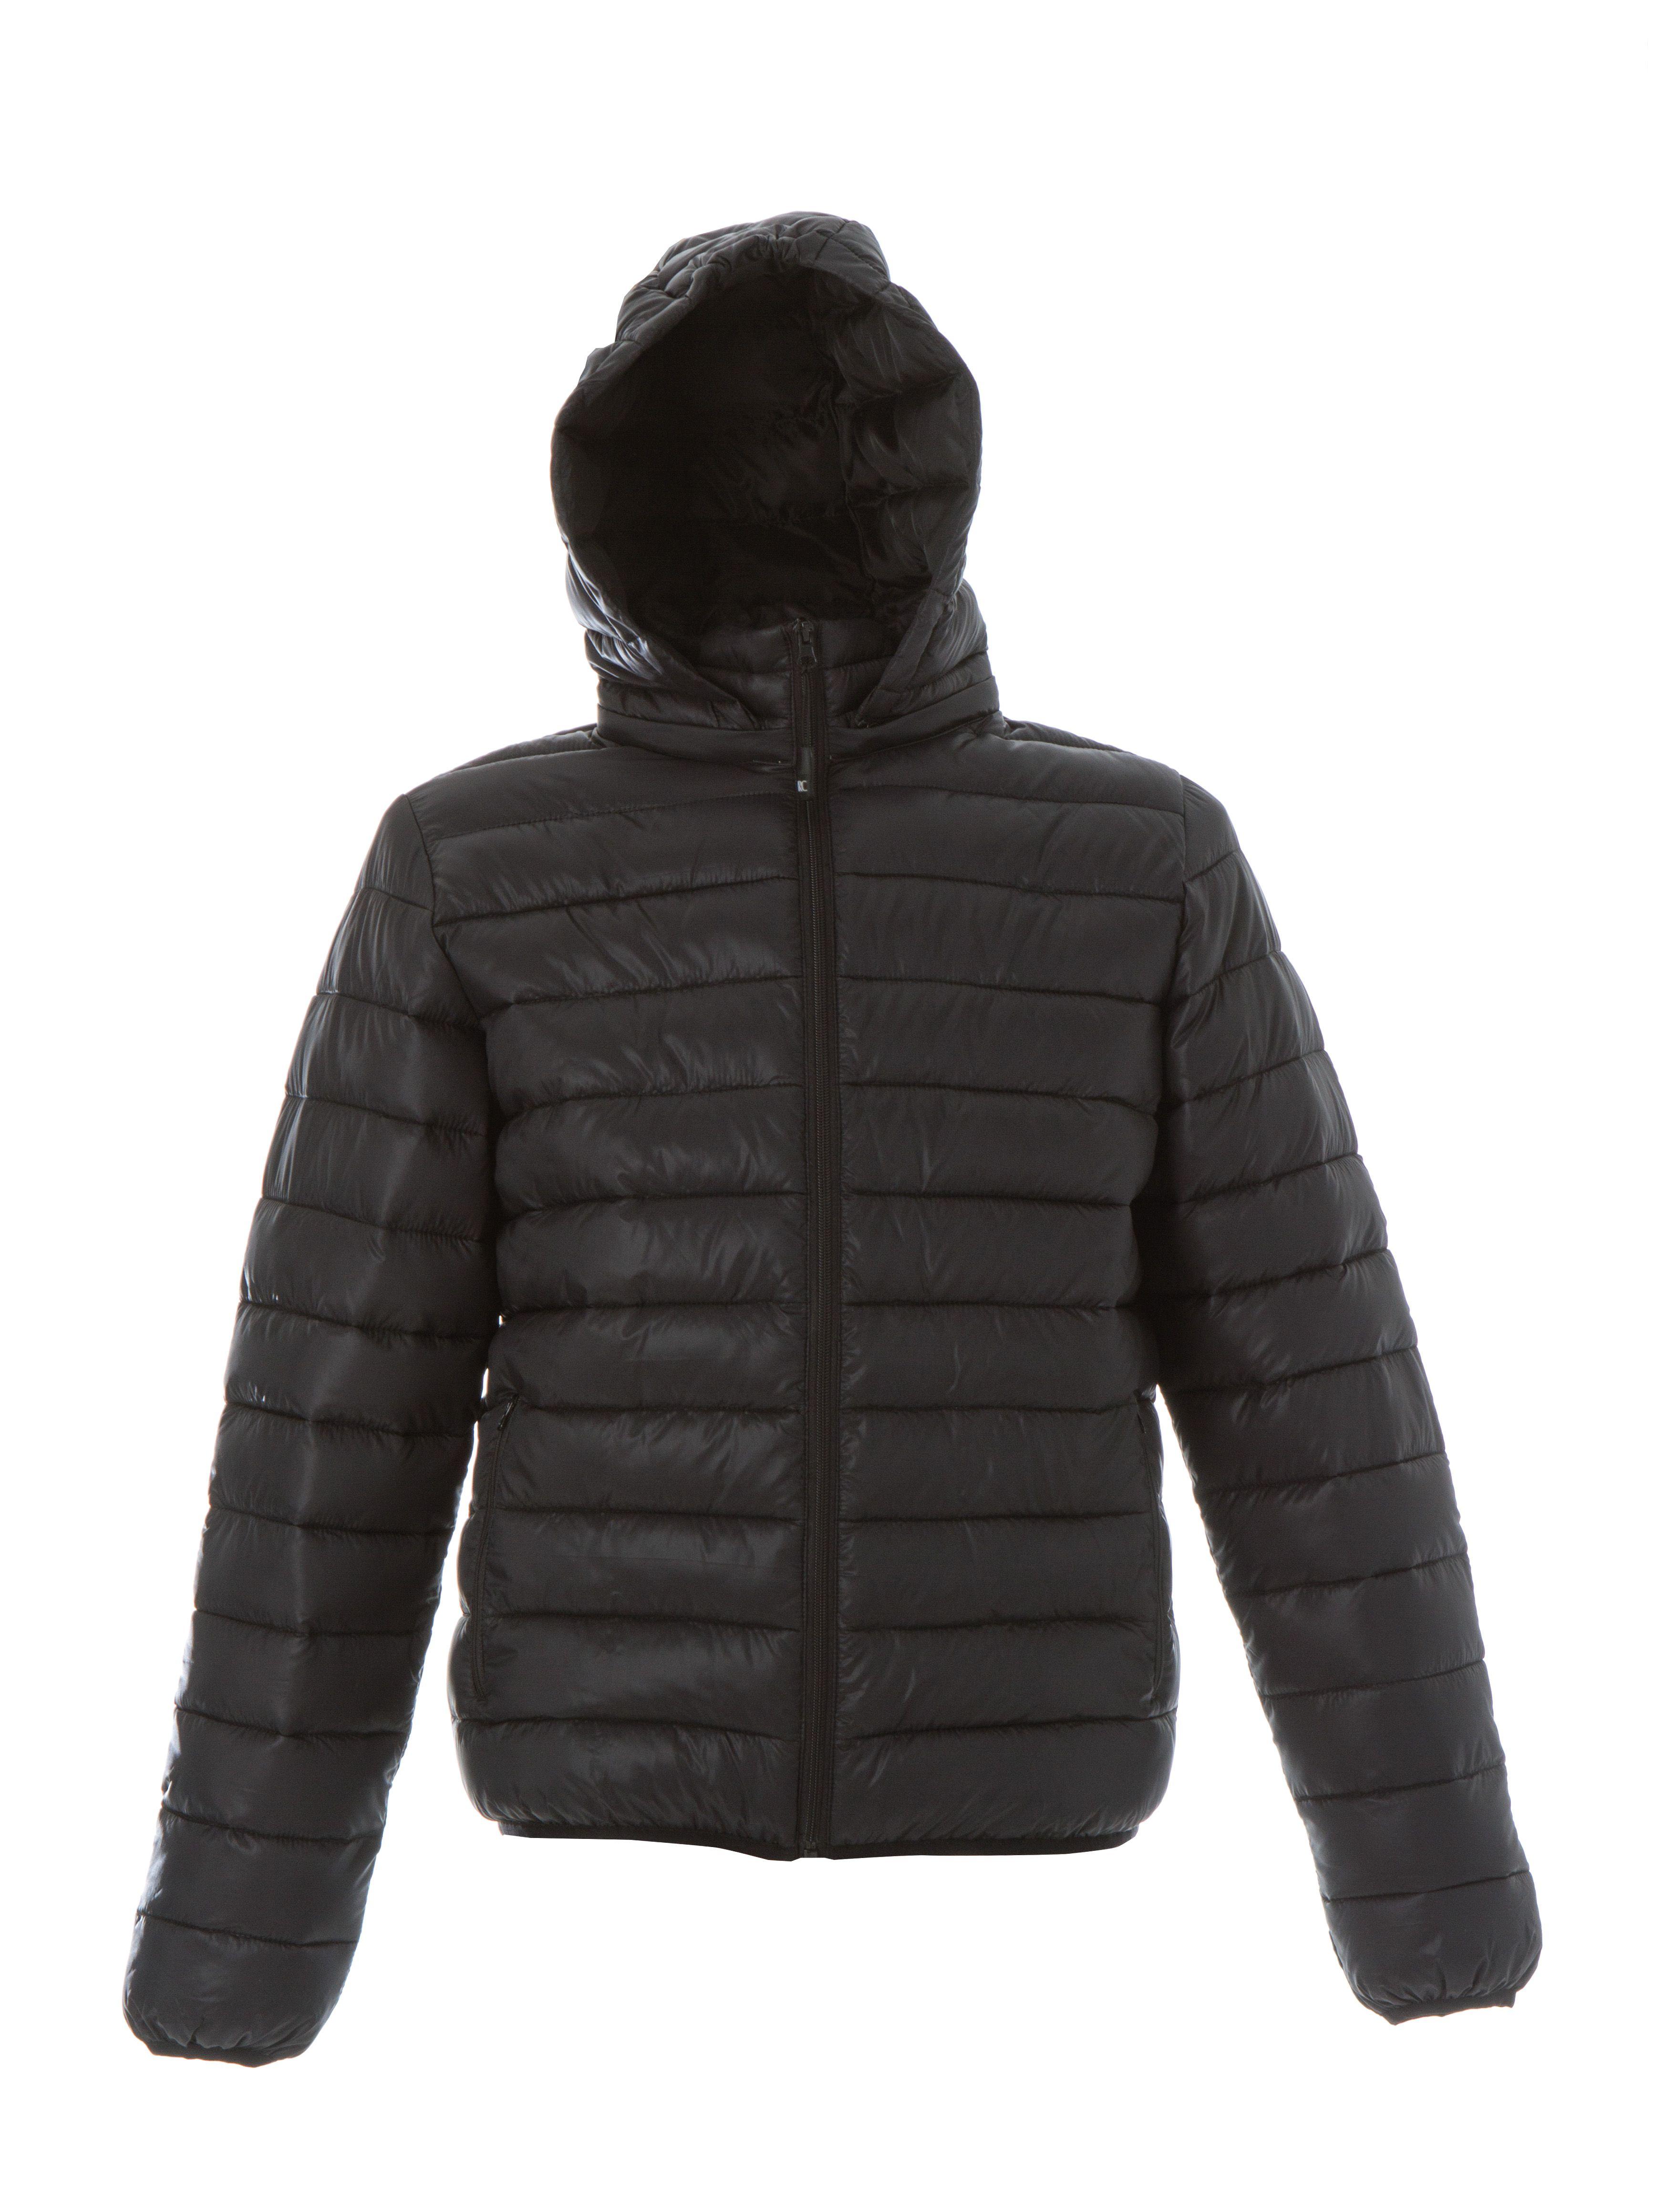 """Куртка мужская """"Vilnius Man"""", черный_ M, 100% нейлон, 20D; подкладка: 100% полиэстер, 300T"""